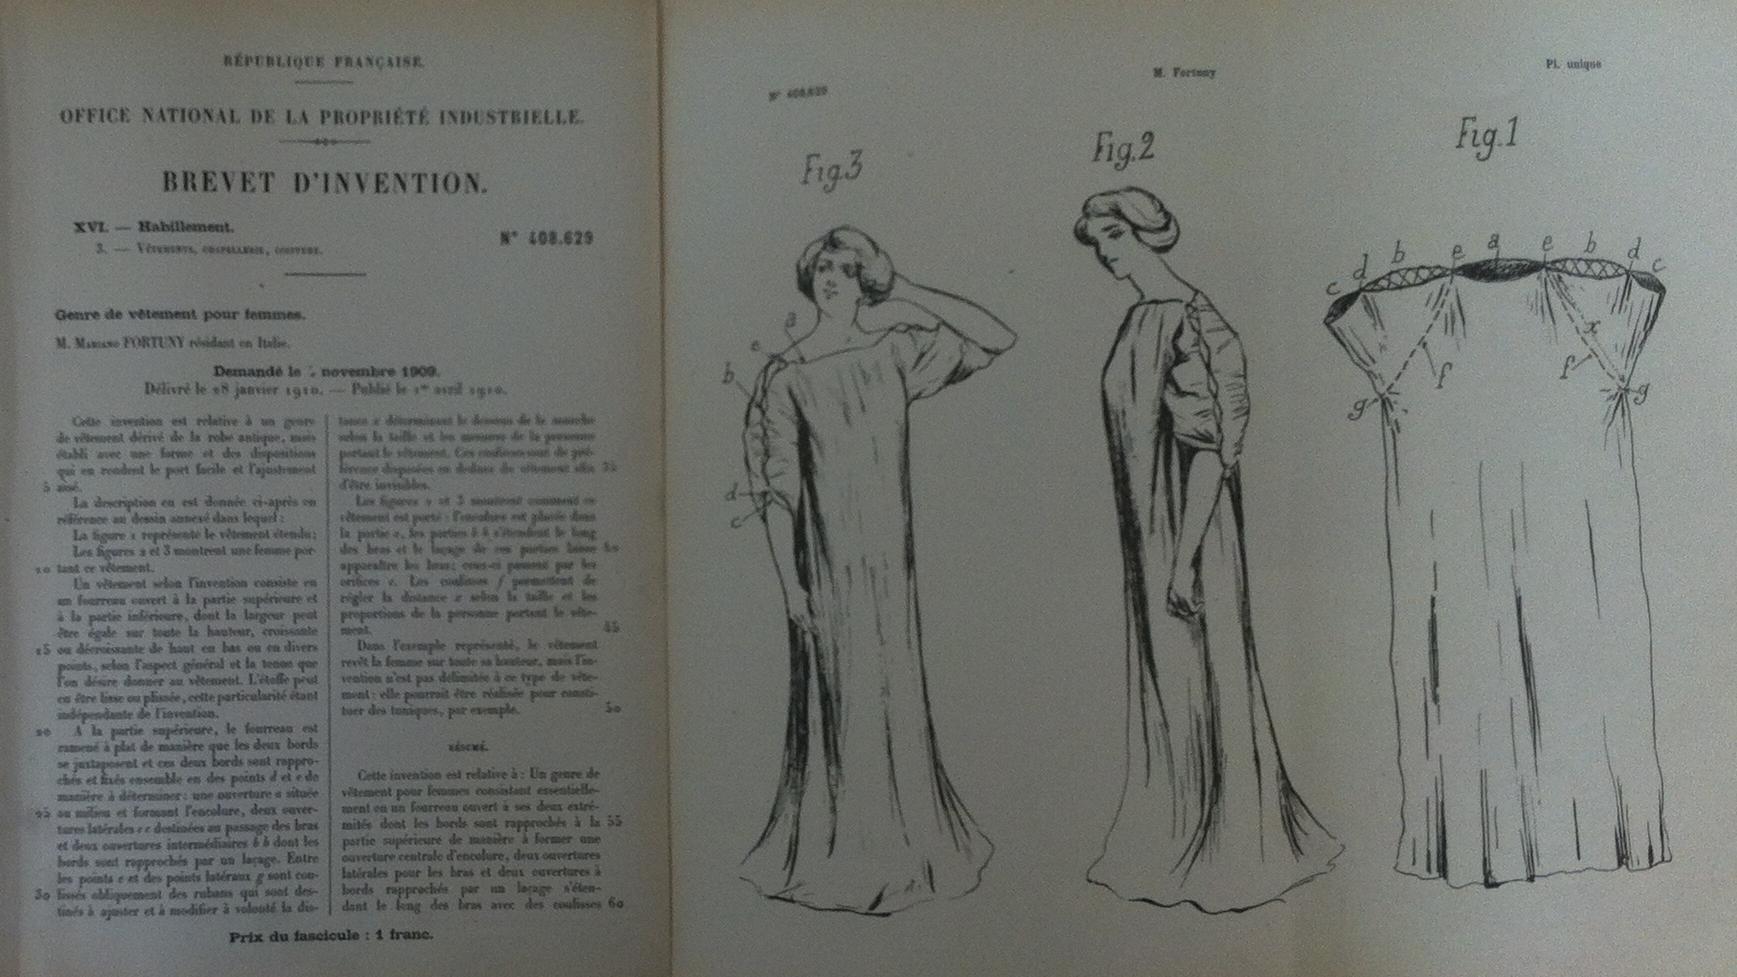 Brevet n°408629 déposé le 4 novembre 1909 par Mariano Fortuny pour un